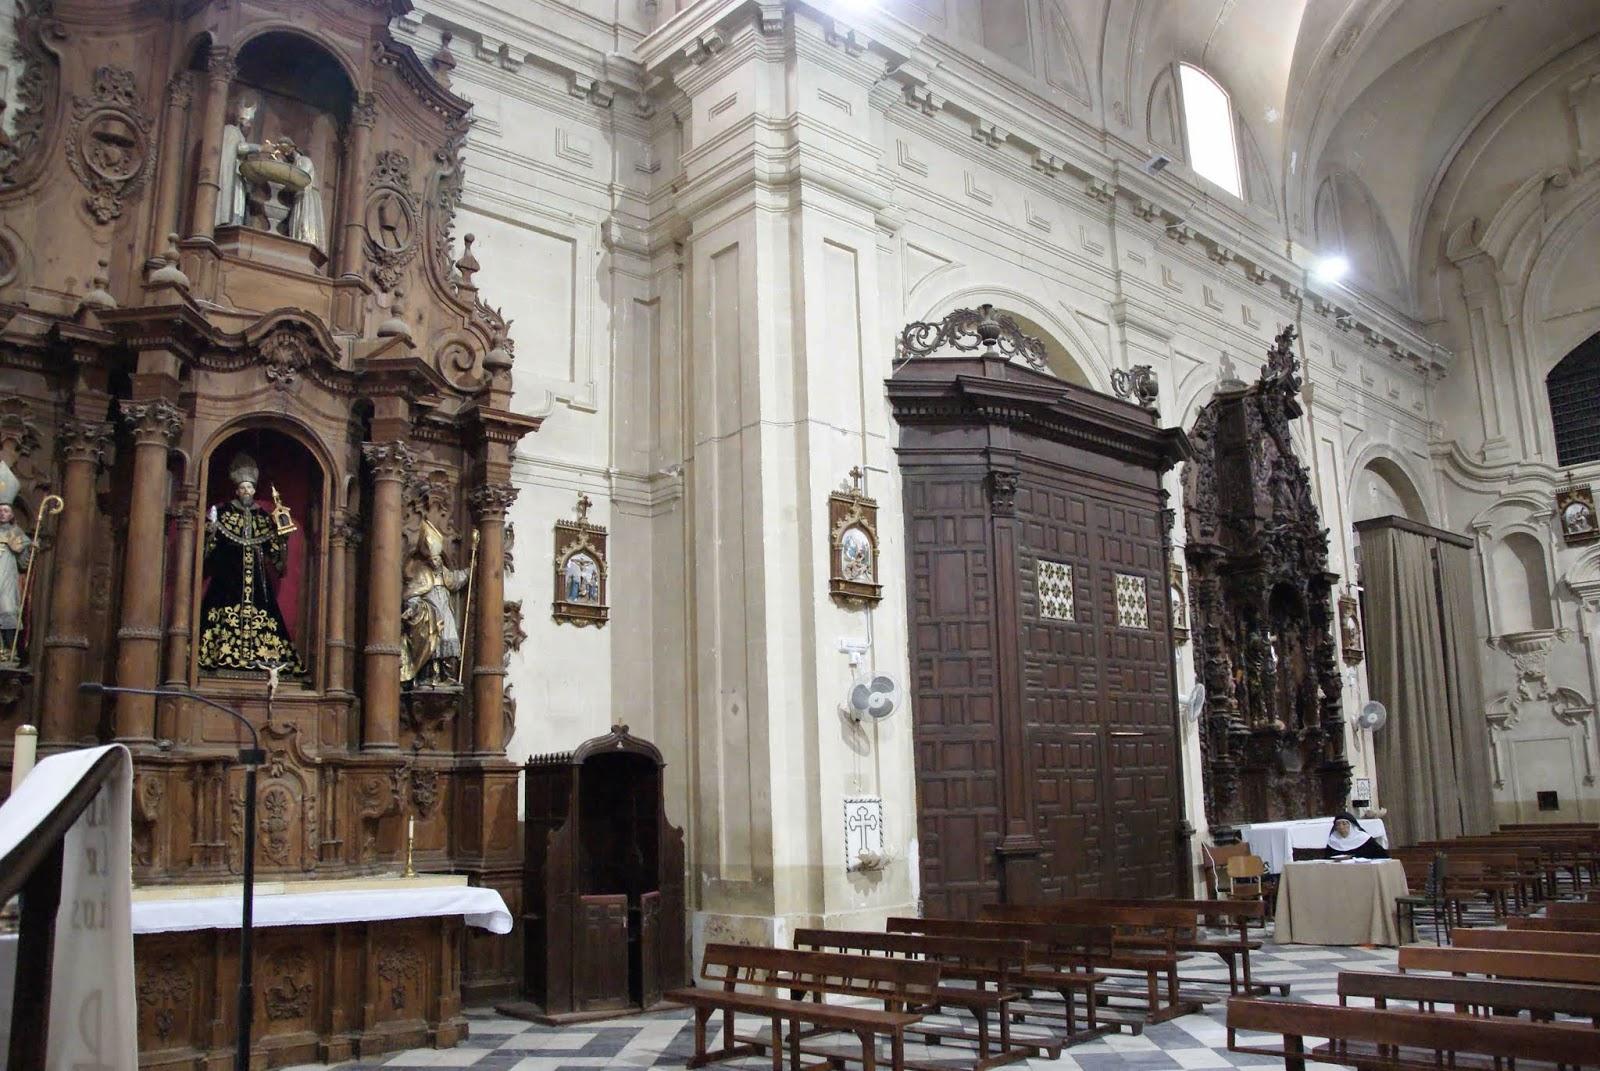 Leyendas de sevilla carmona convento de la sant sima for Interior izquierdo